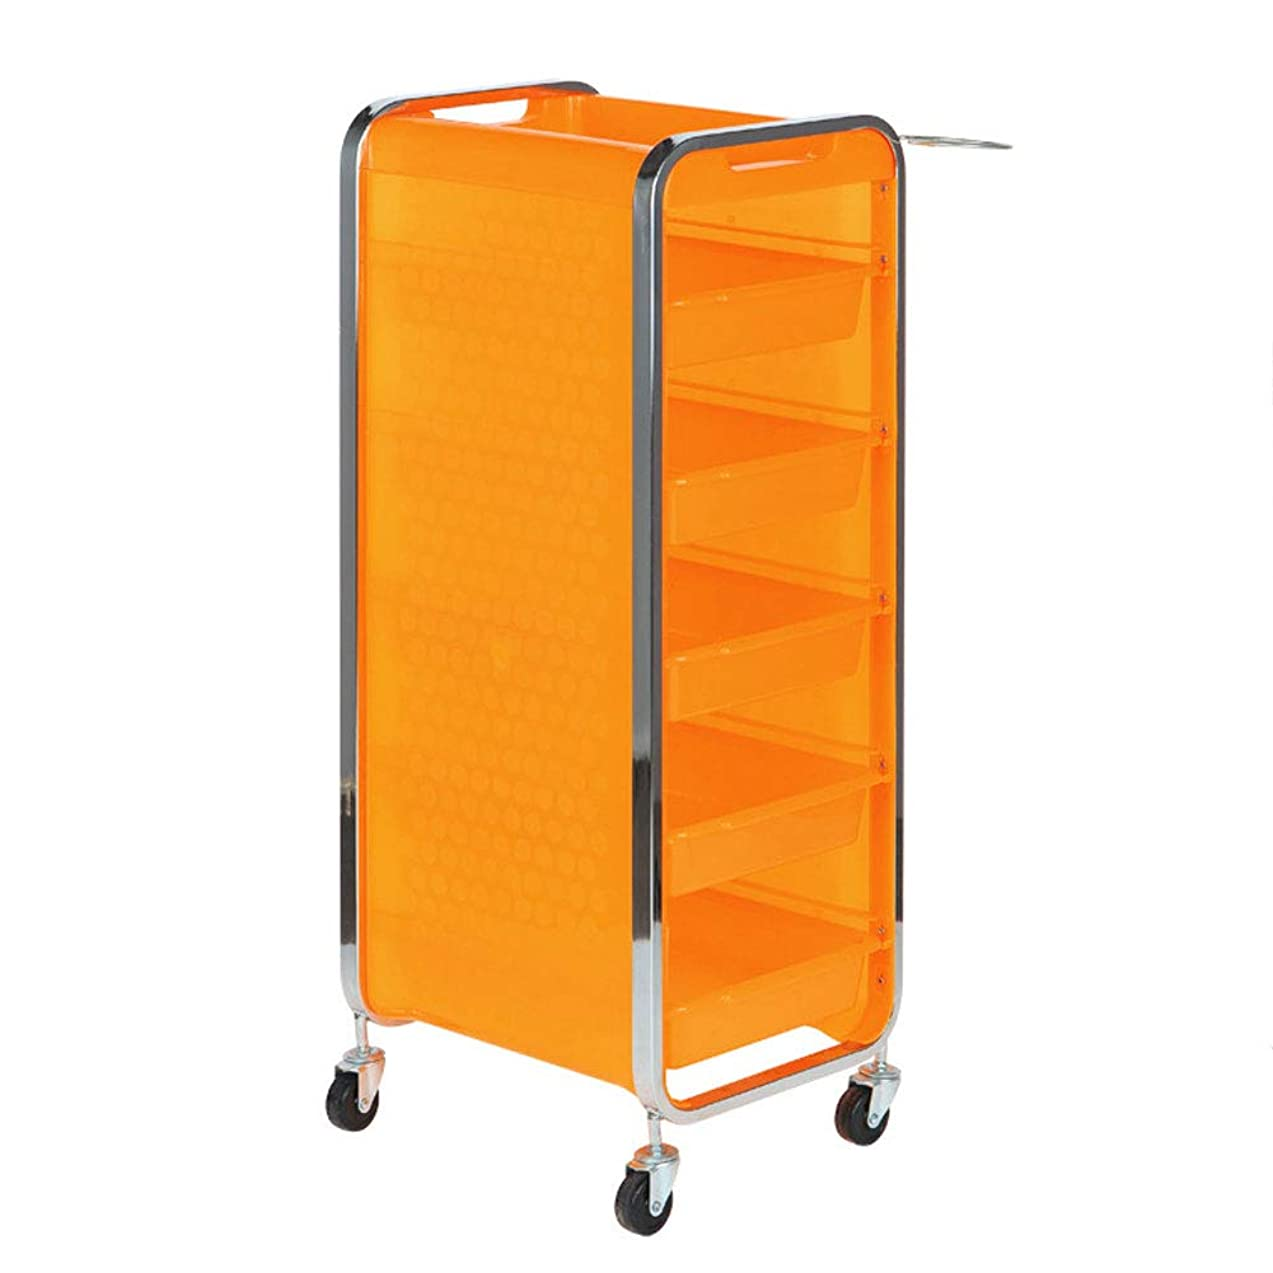 ピュー寄生虫テザーサロン美容院トロリー美容美容収納カート6層トレイ多機能引き出し虹色,Orange,A